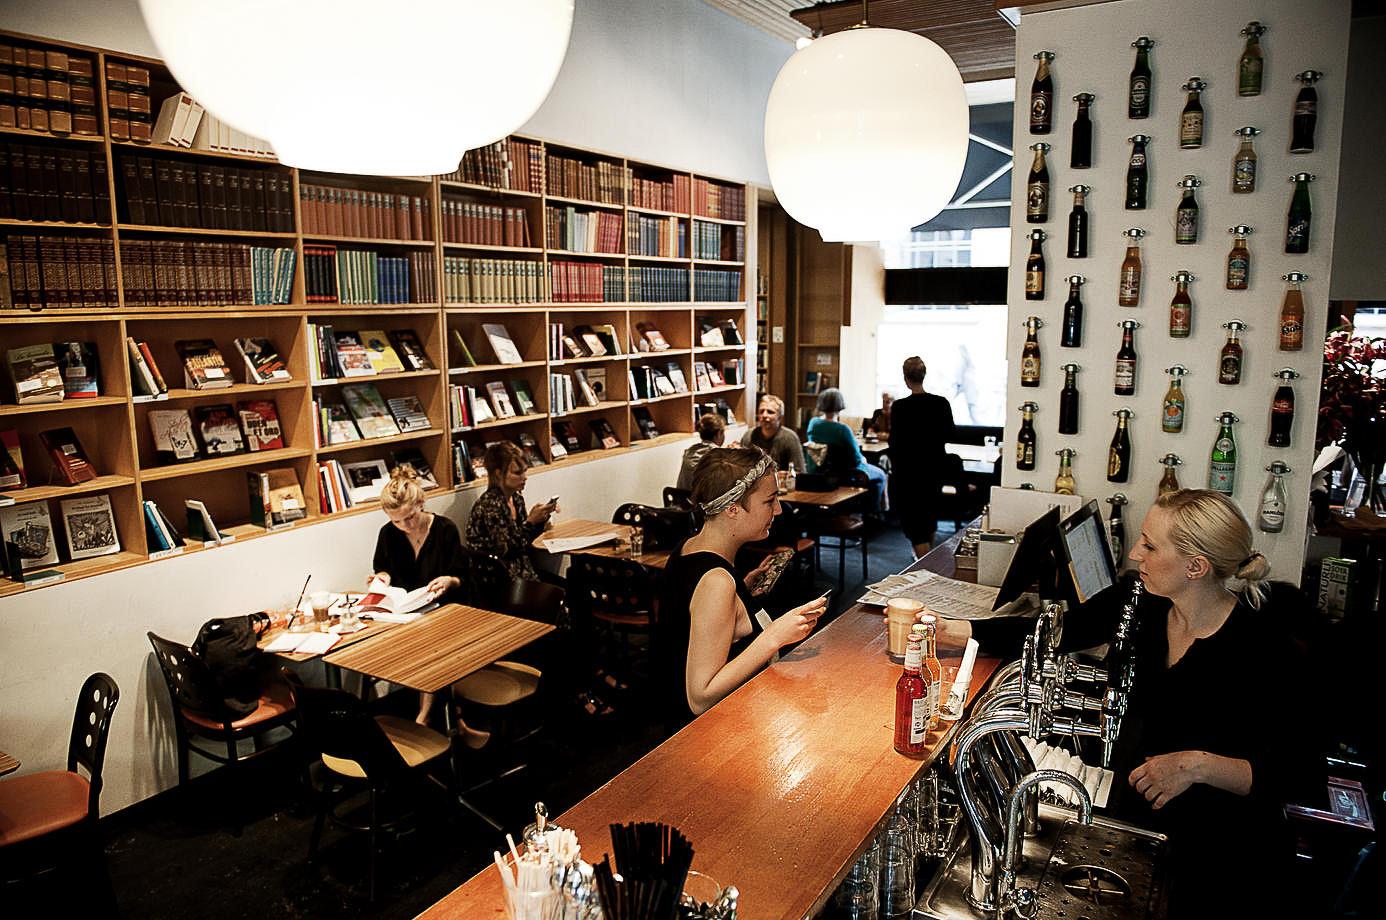 Paludan Bogcafé free Wi-Fi in Copenhagen